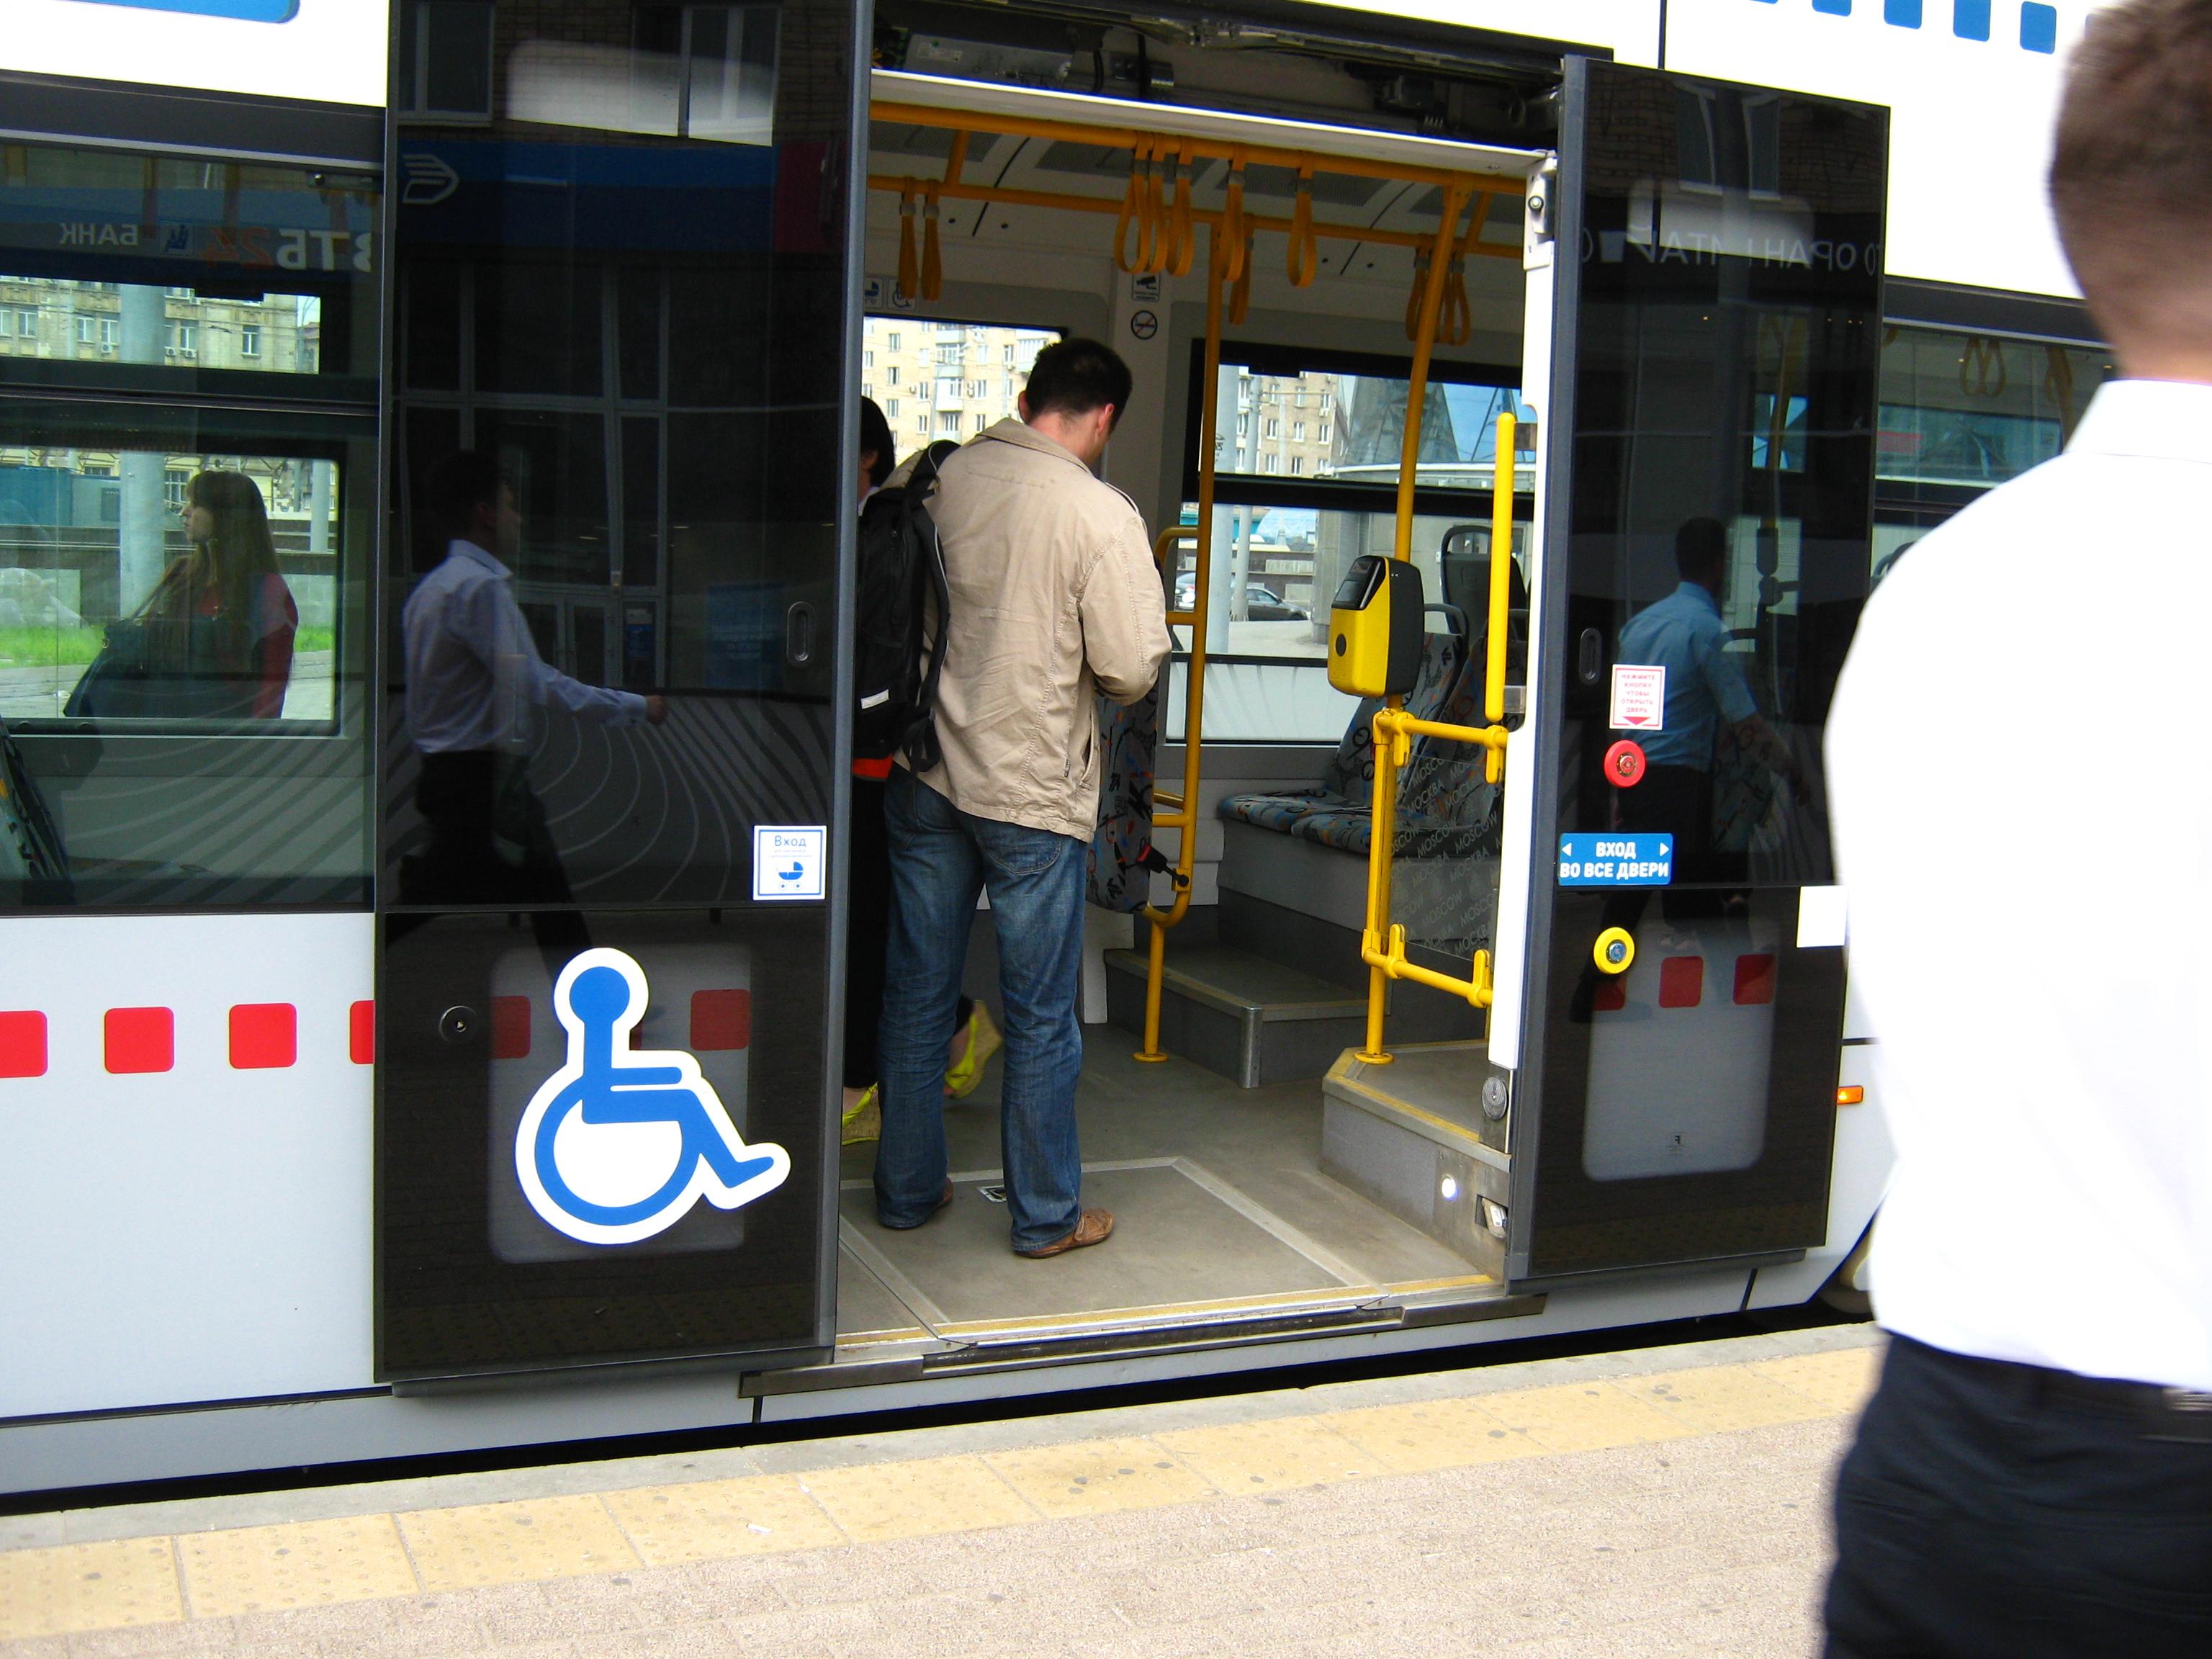 адаптация транспорта для инвалидов Безбарьерная среда в городе. Успехи и неудачи Безбарьерная среда в городе. Успехи и неудачи 14 1